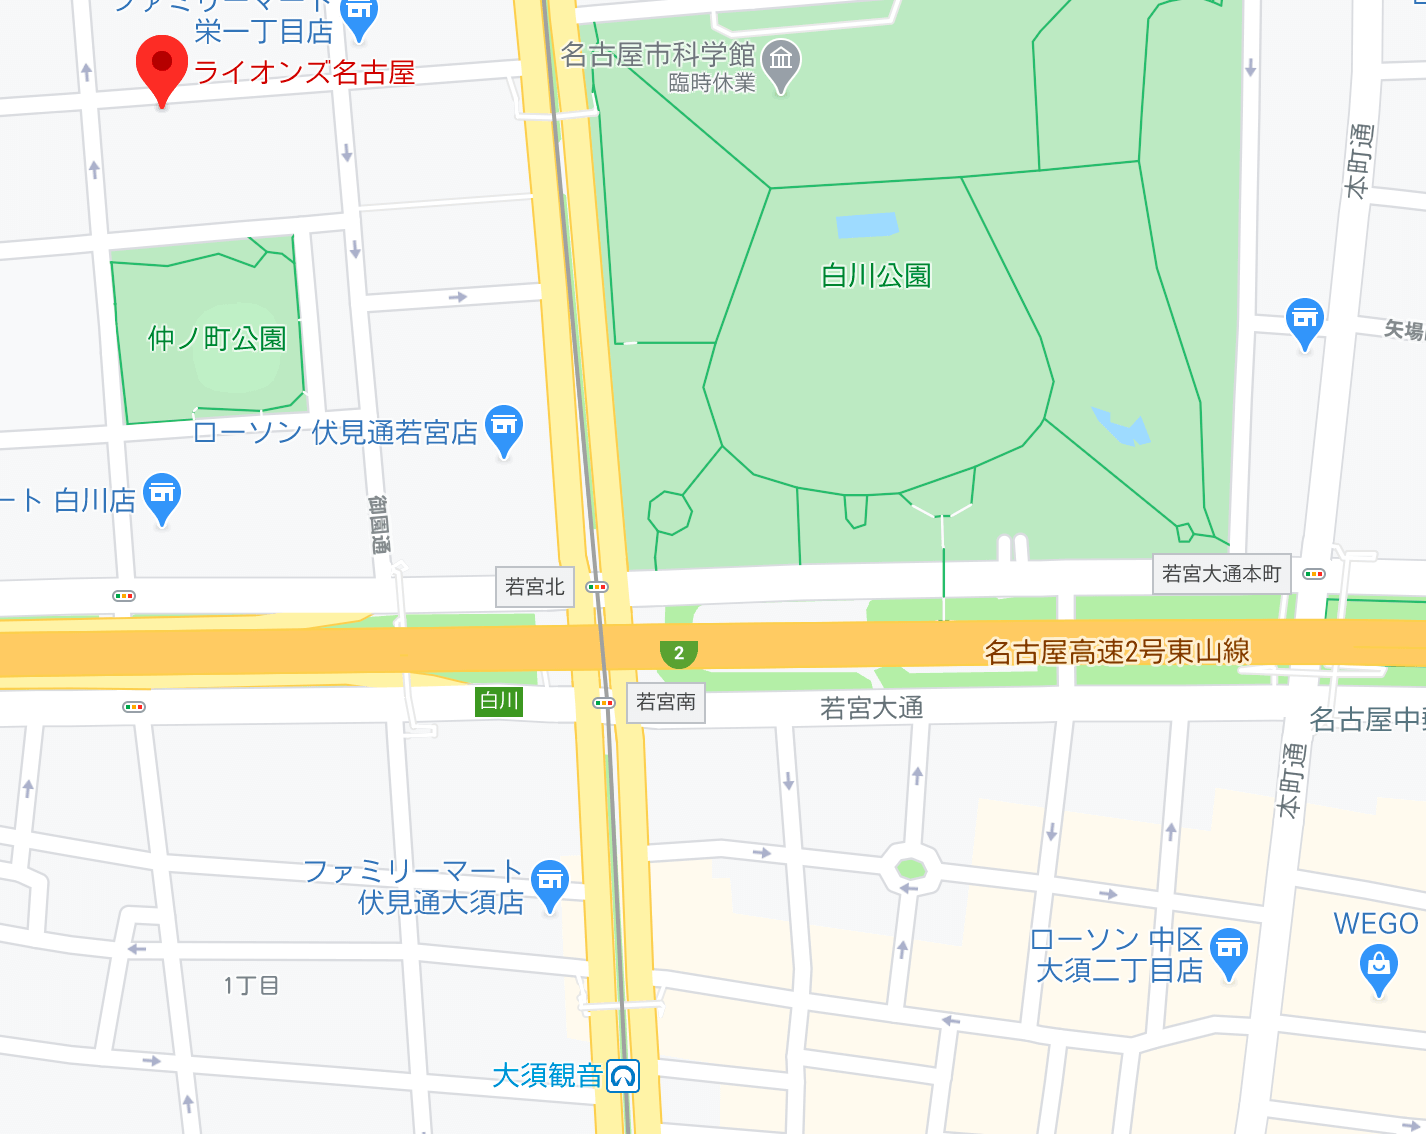 名古屋 立ちんぼ